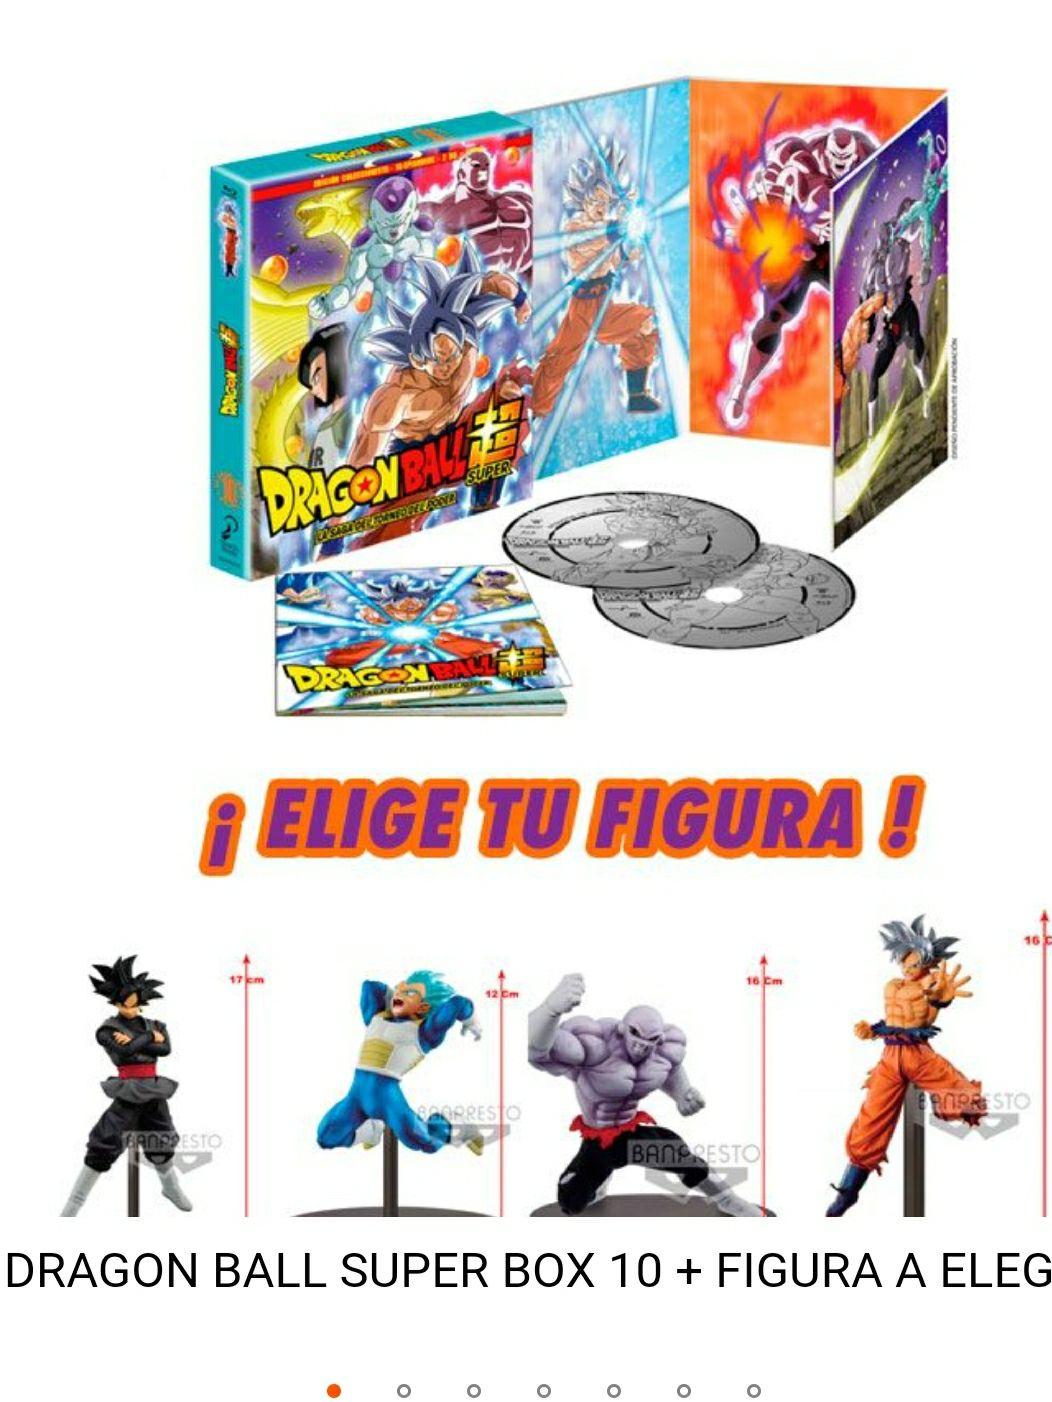 Dragon Ball Super Box 10 BR + Figura